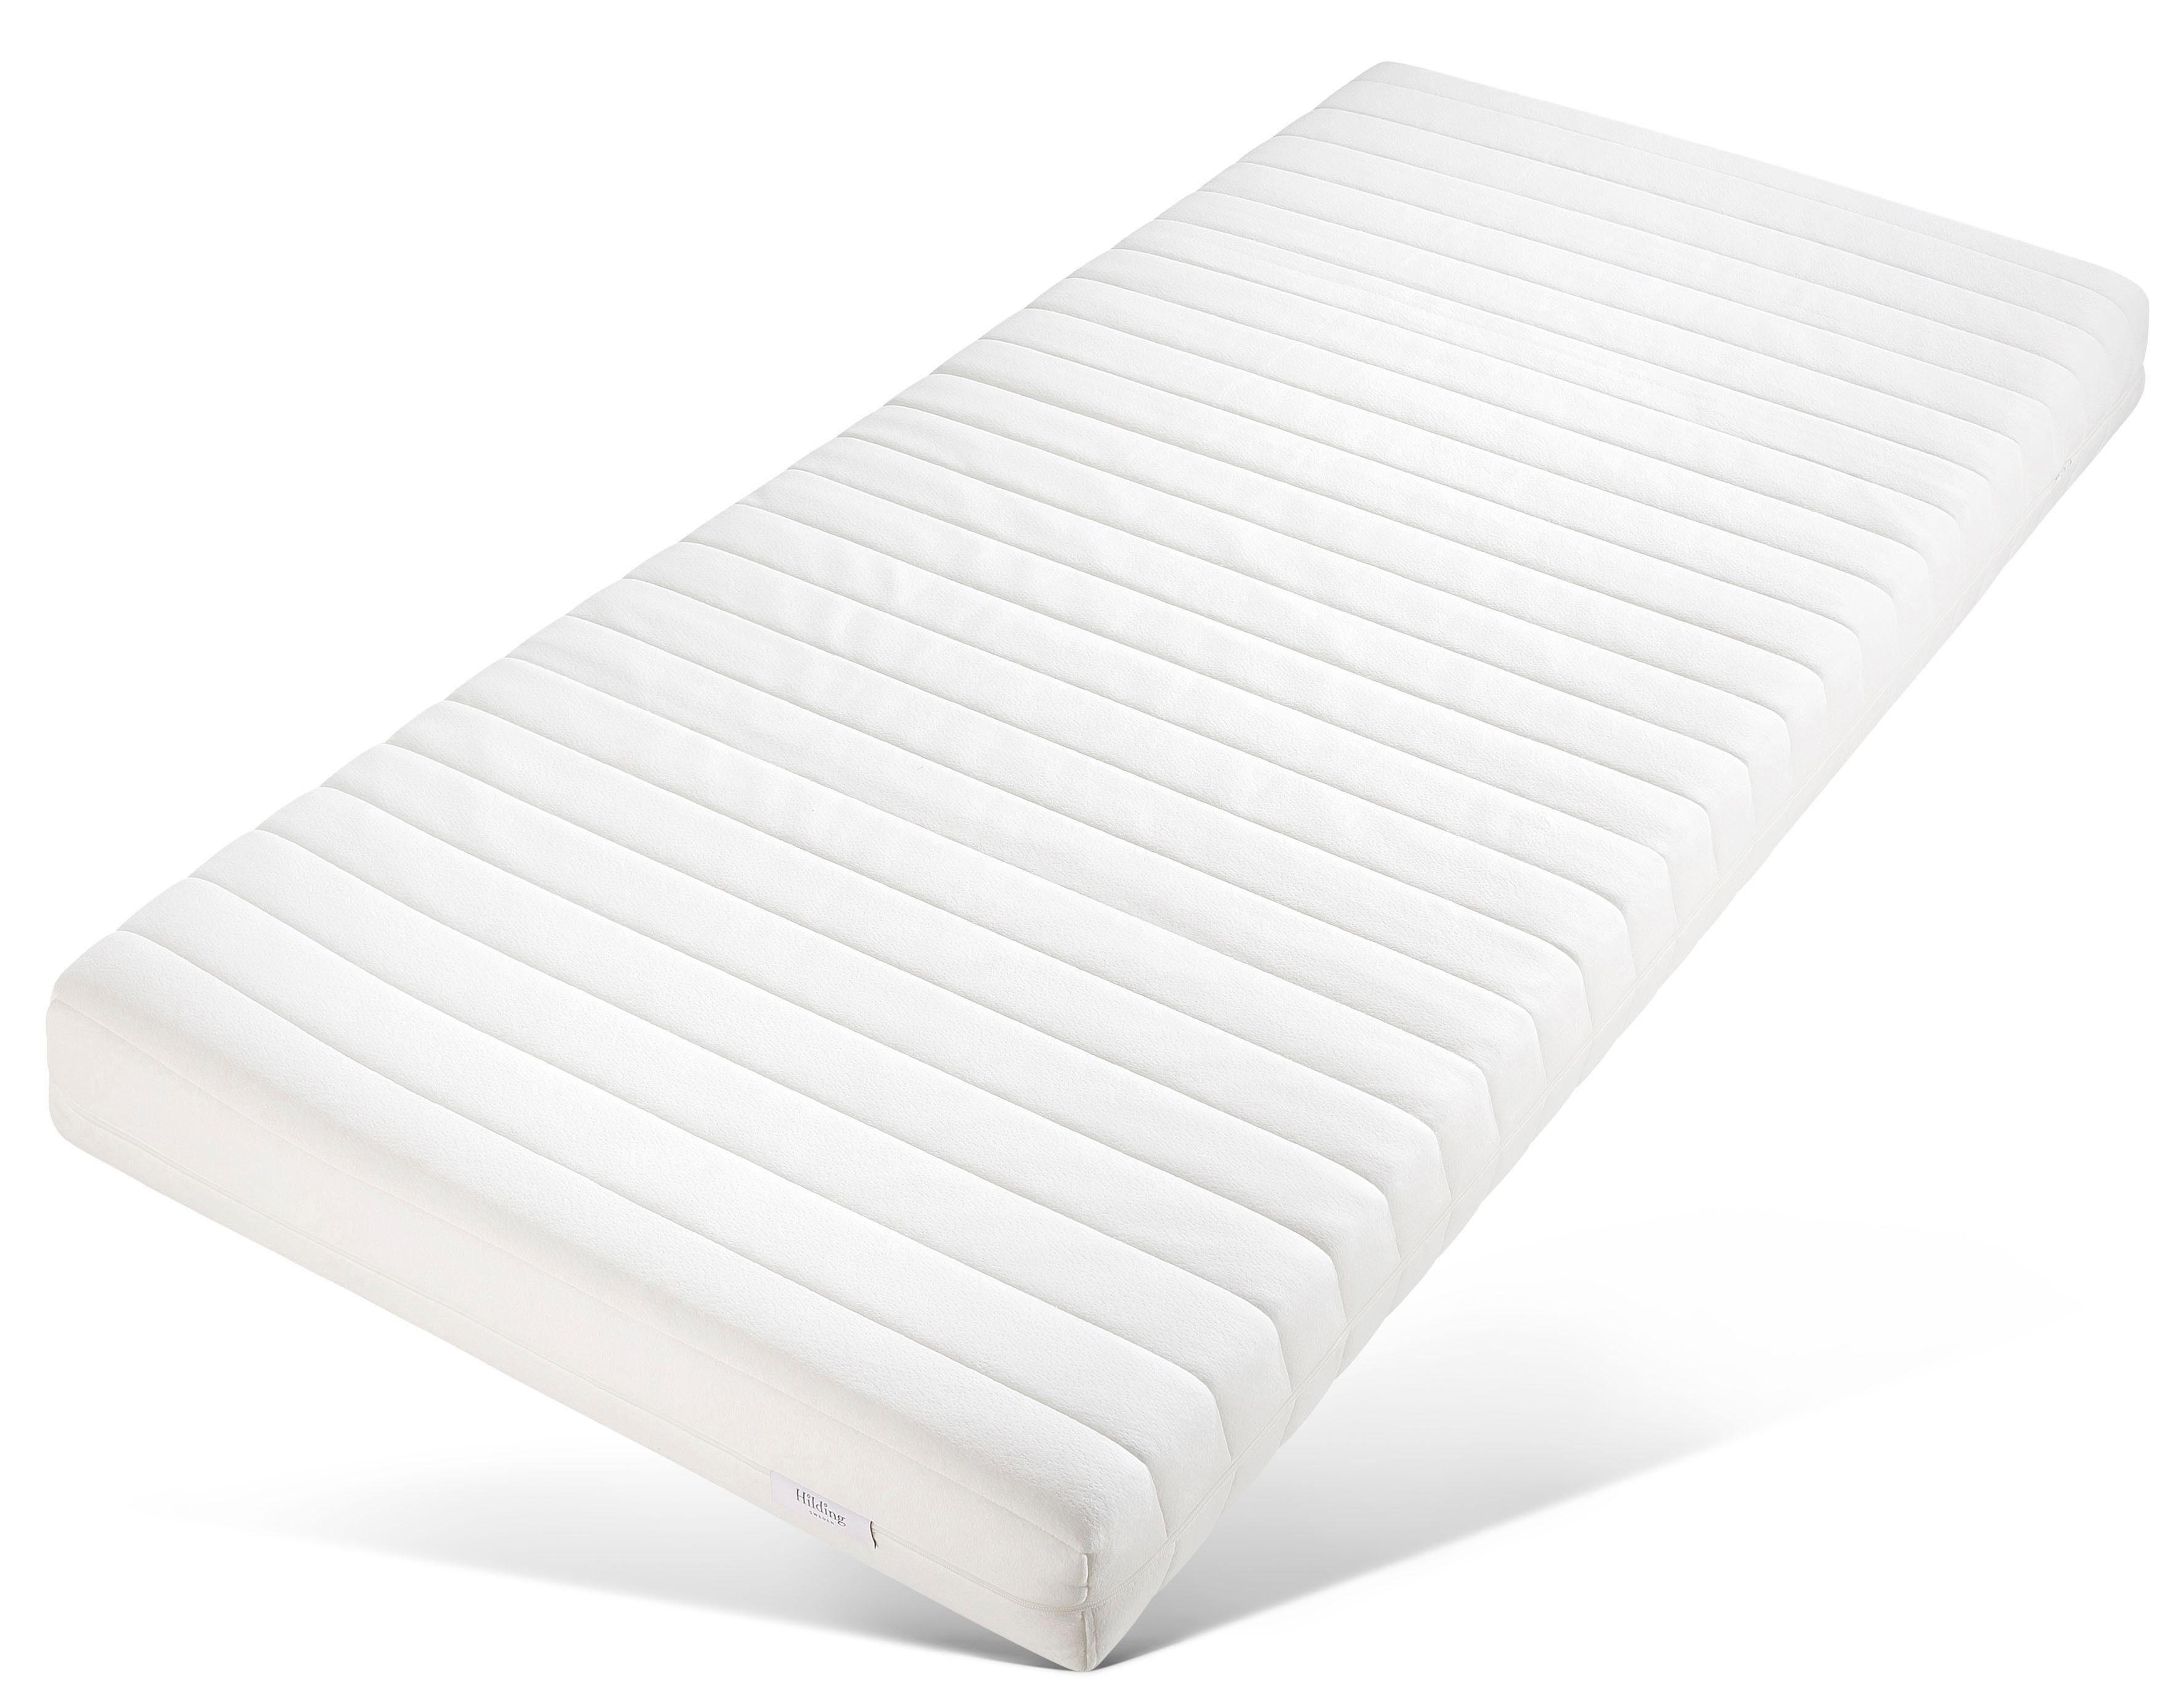 Komfortschaummatratze Essentials Hilding Sweden 16 cm hoch